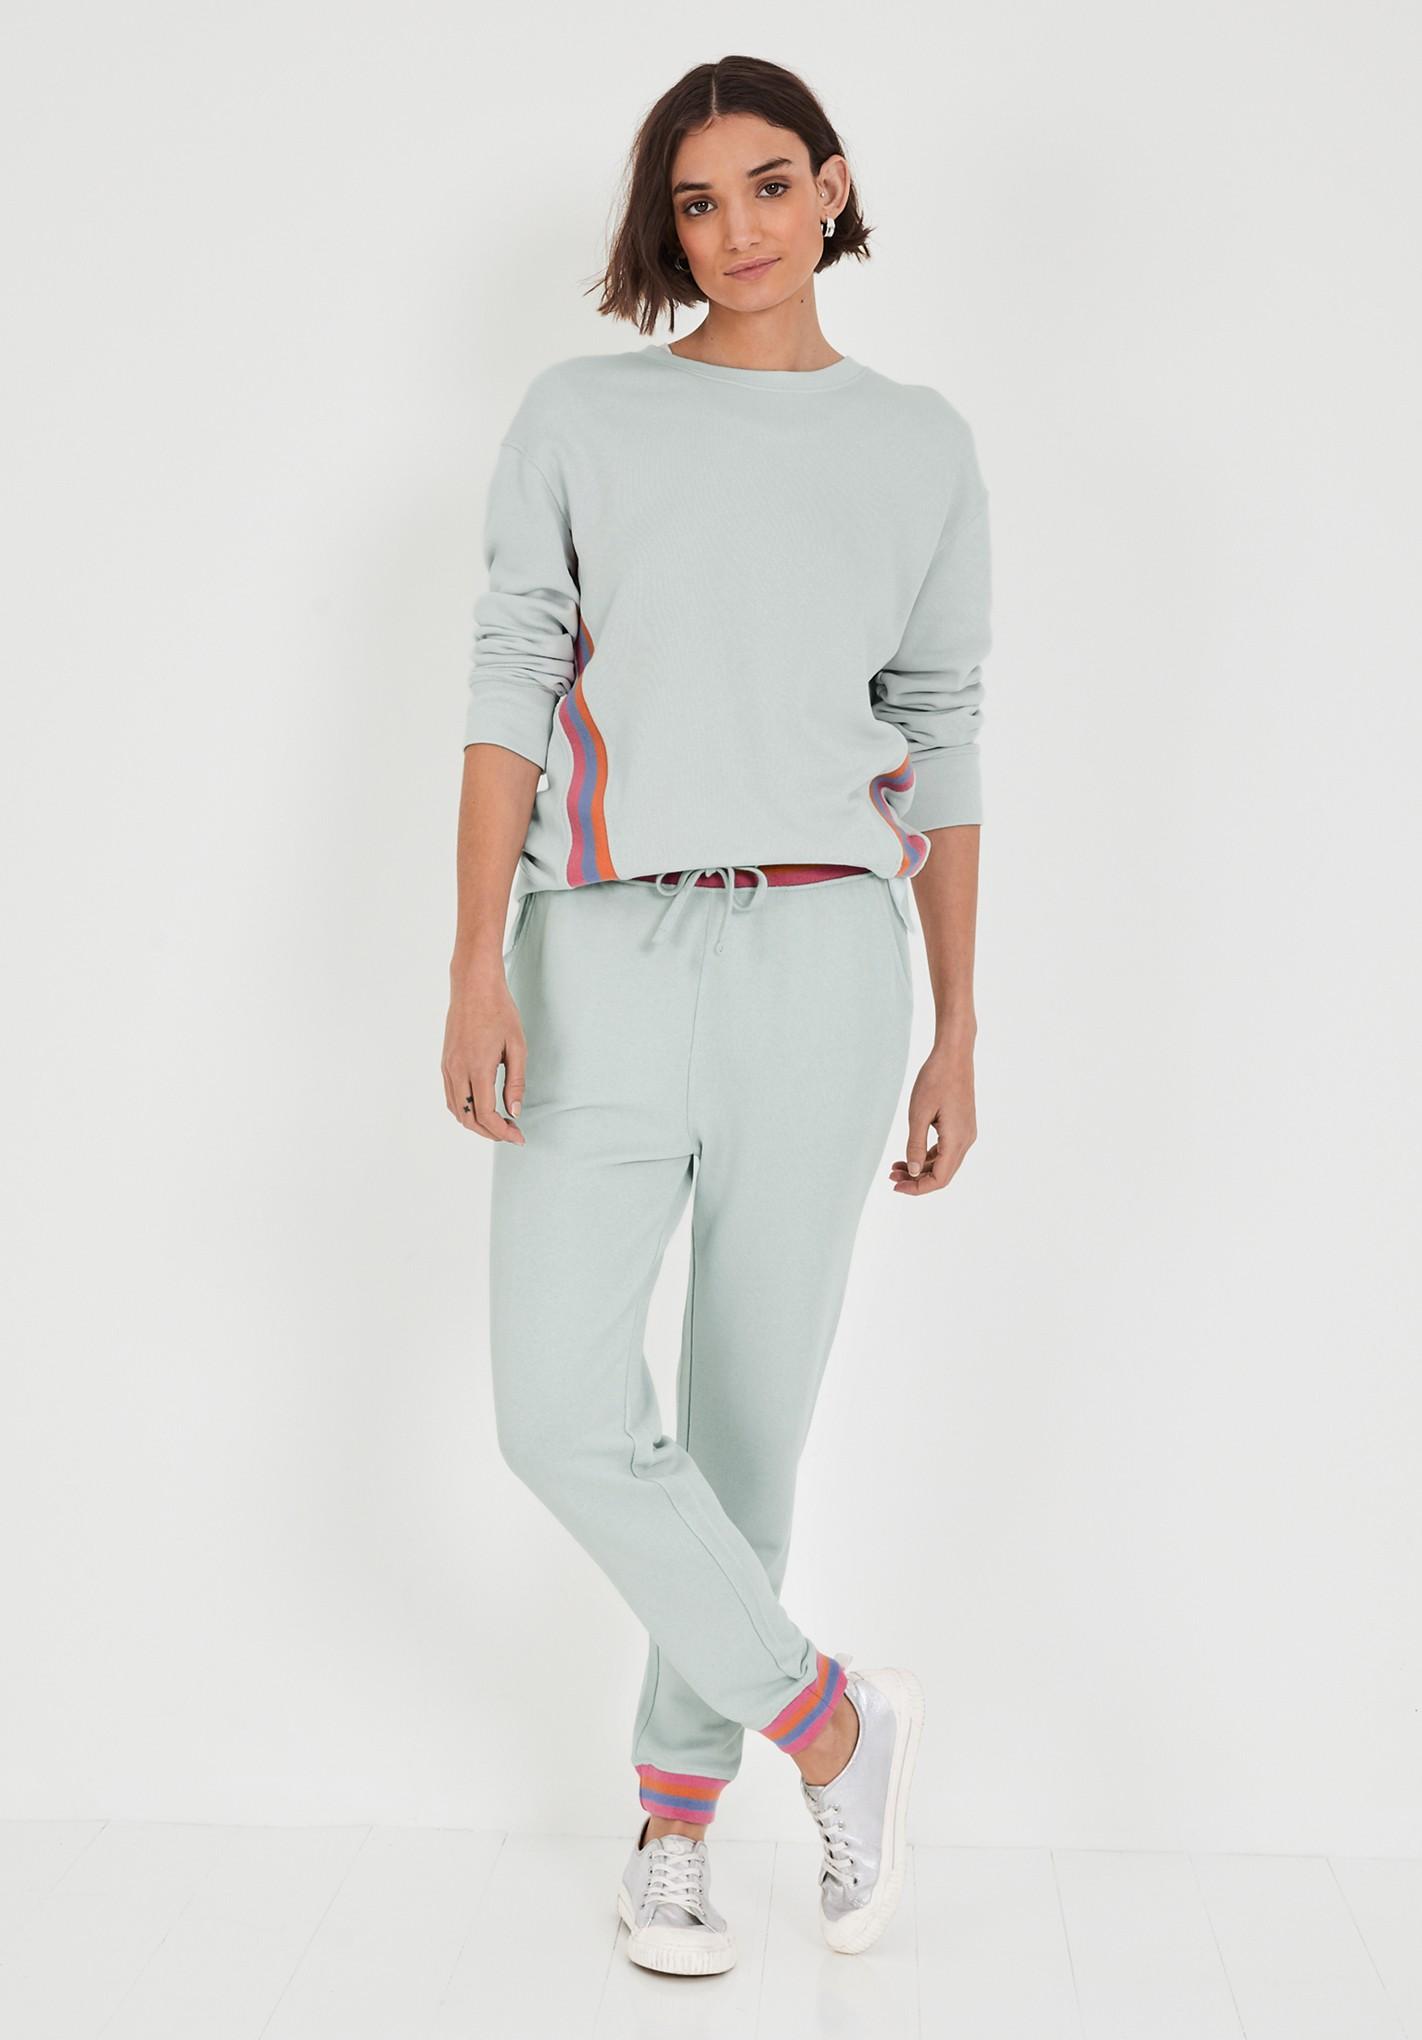 hush palest-blue-multi cetti striped rib joggers grey/multi